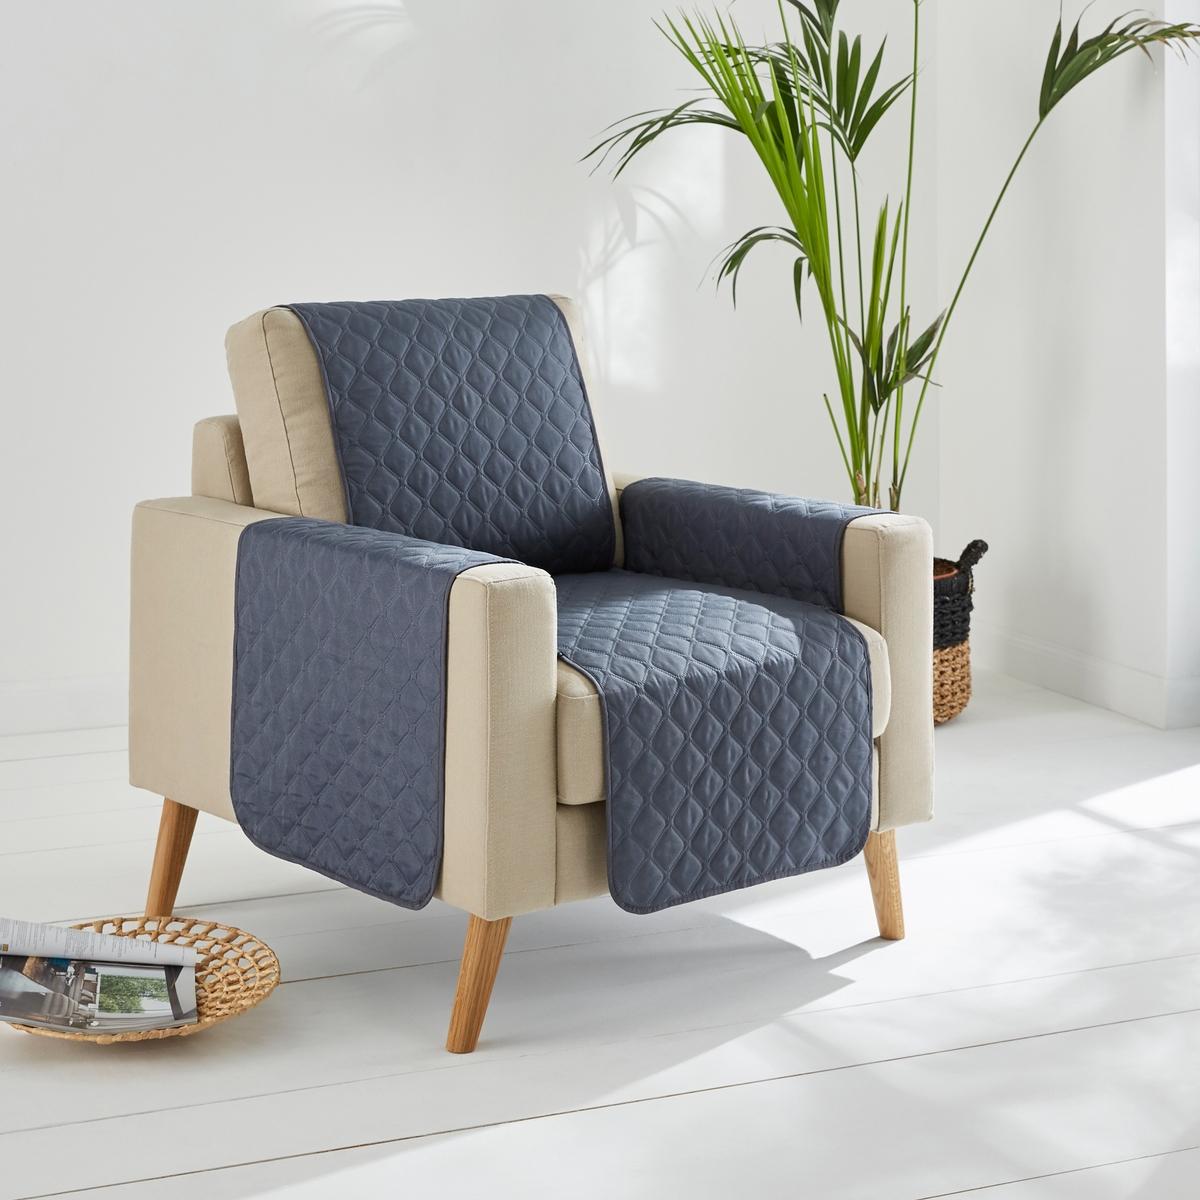 Чехол защитный для кресла или дивана, OraldaДвухцветный чехол защитный для кресла или дивана, микрофибра 100% полиэстера. Состав и описание :Материал : микрофибра 100% полиэстера (70 г/м?). Наполнитель100% полиэстера (150 г/м?).Отделка : Кант в 1 см.Уход: : Машинная стирка при 60 °CЗнак Oeko-Tex® гарантирует, что товары прошли проверку и были изготовлены без применения вредных для здоровья человека веществ.Наши чехлы для кресел и диванов ищите на нашем сайте laredoute.ru.ruРазмеры : Длина : 200 см.Ширина сиденья 1-мест. 50 см - 2-мест. 100 см - 3-мест. 150 см<br><br>Цвет: антрацит/светло-серый,серо-коричневый/ бежевый<br>Размер: 1 места